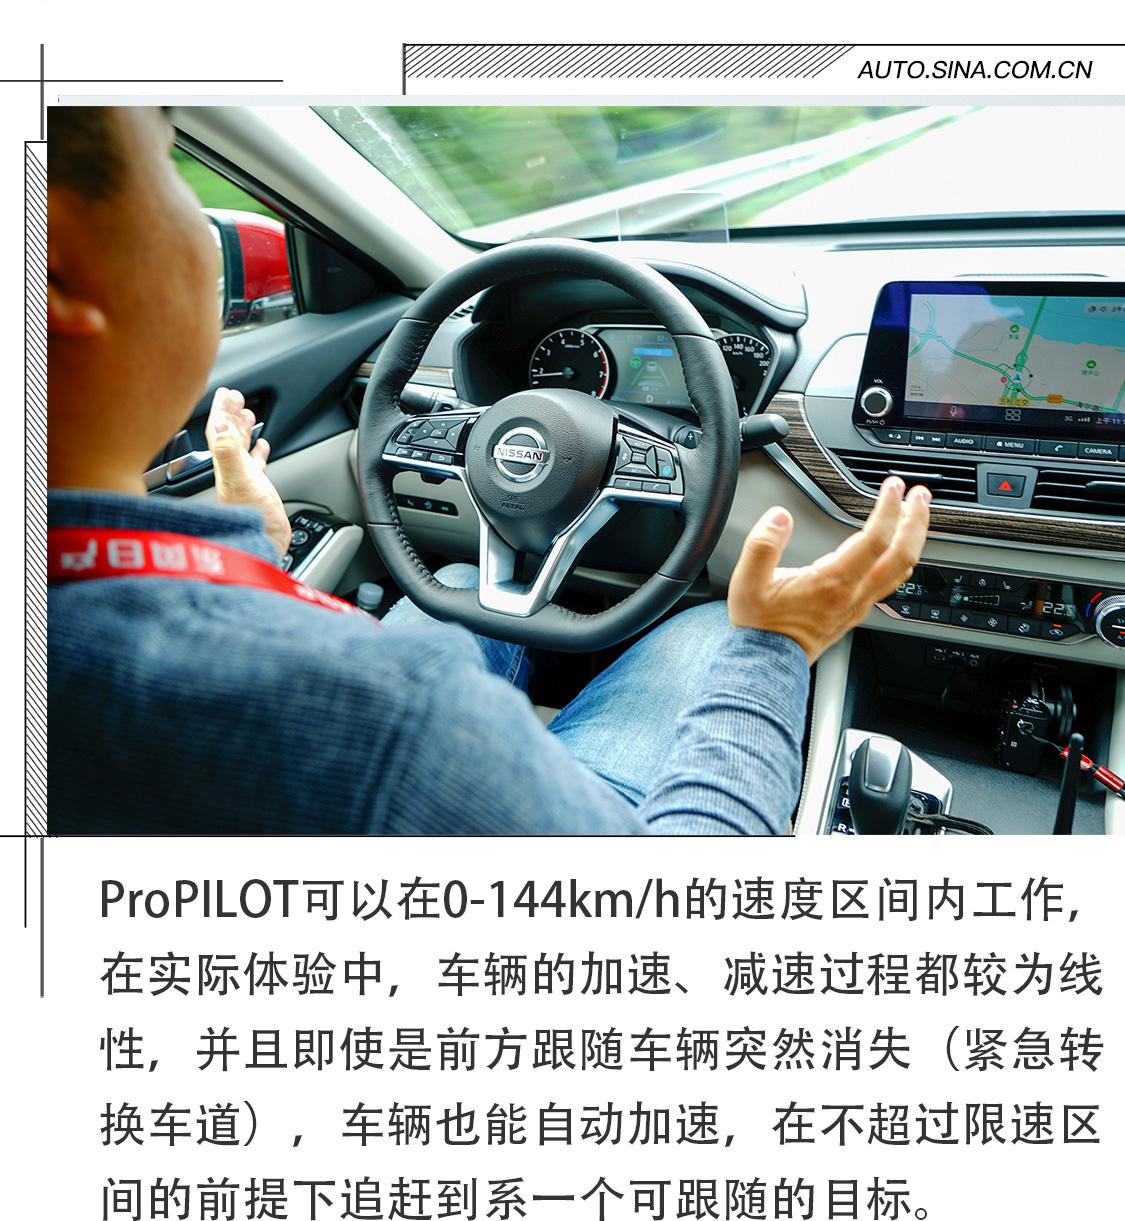 出行更省心 体验天籁ProPILOT智控领航技术